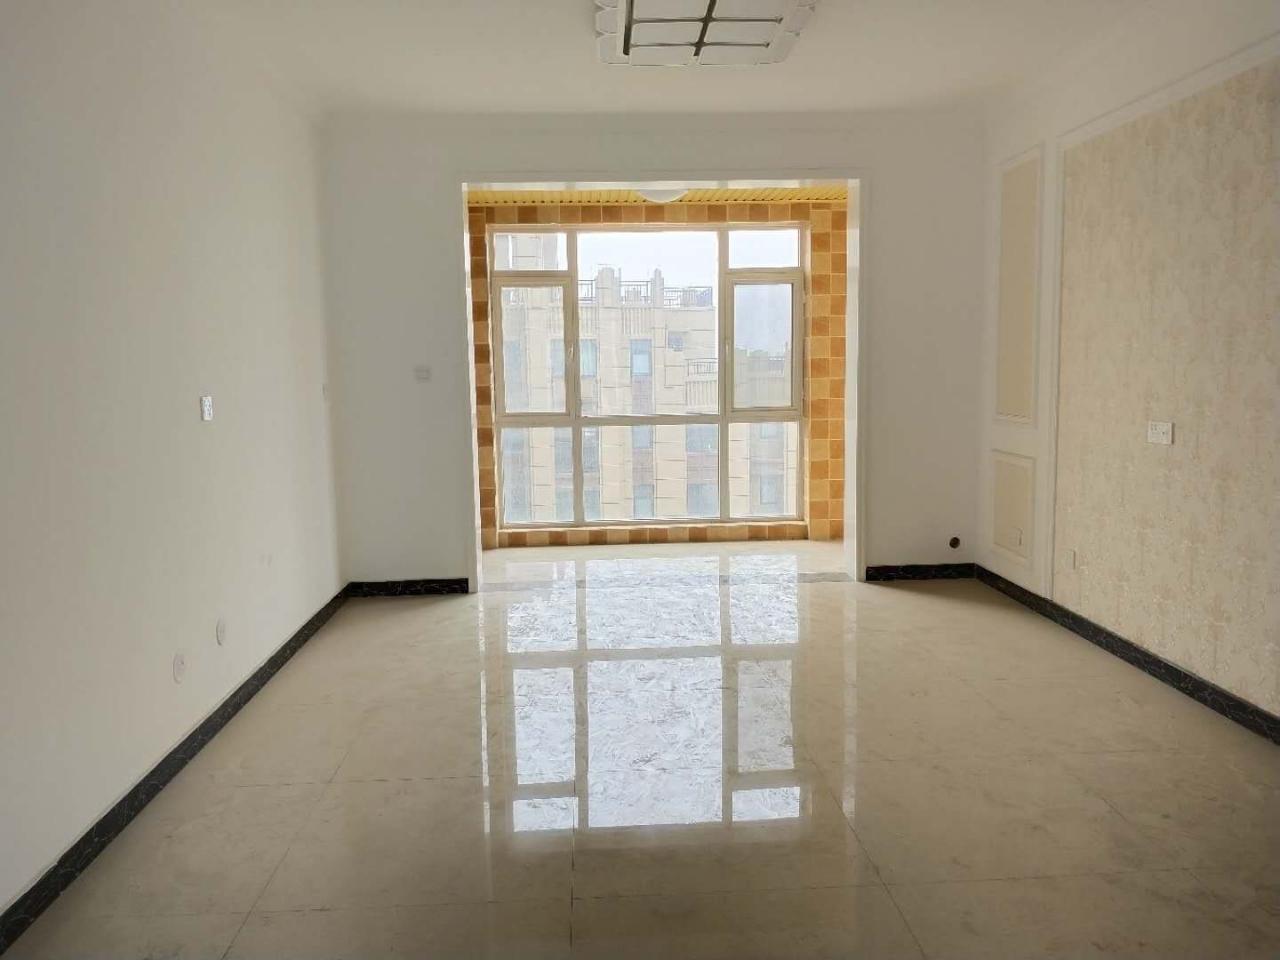 经理推荐高档小区建业3室2厅2卫78万元